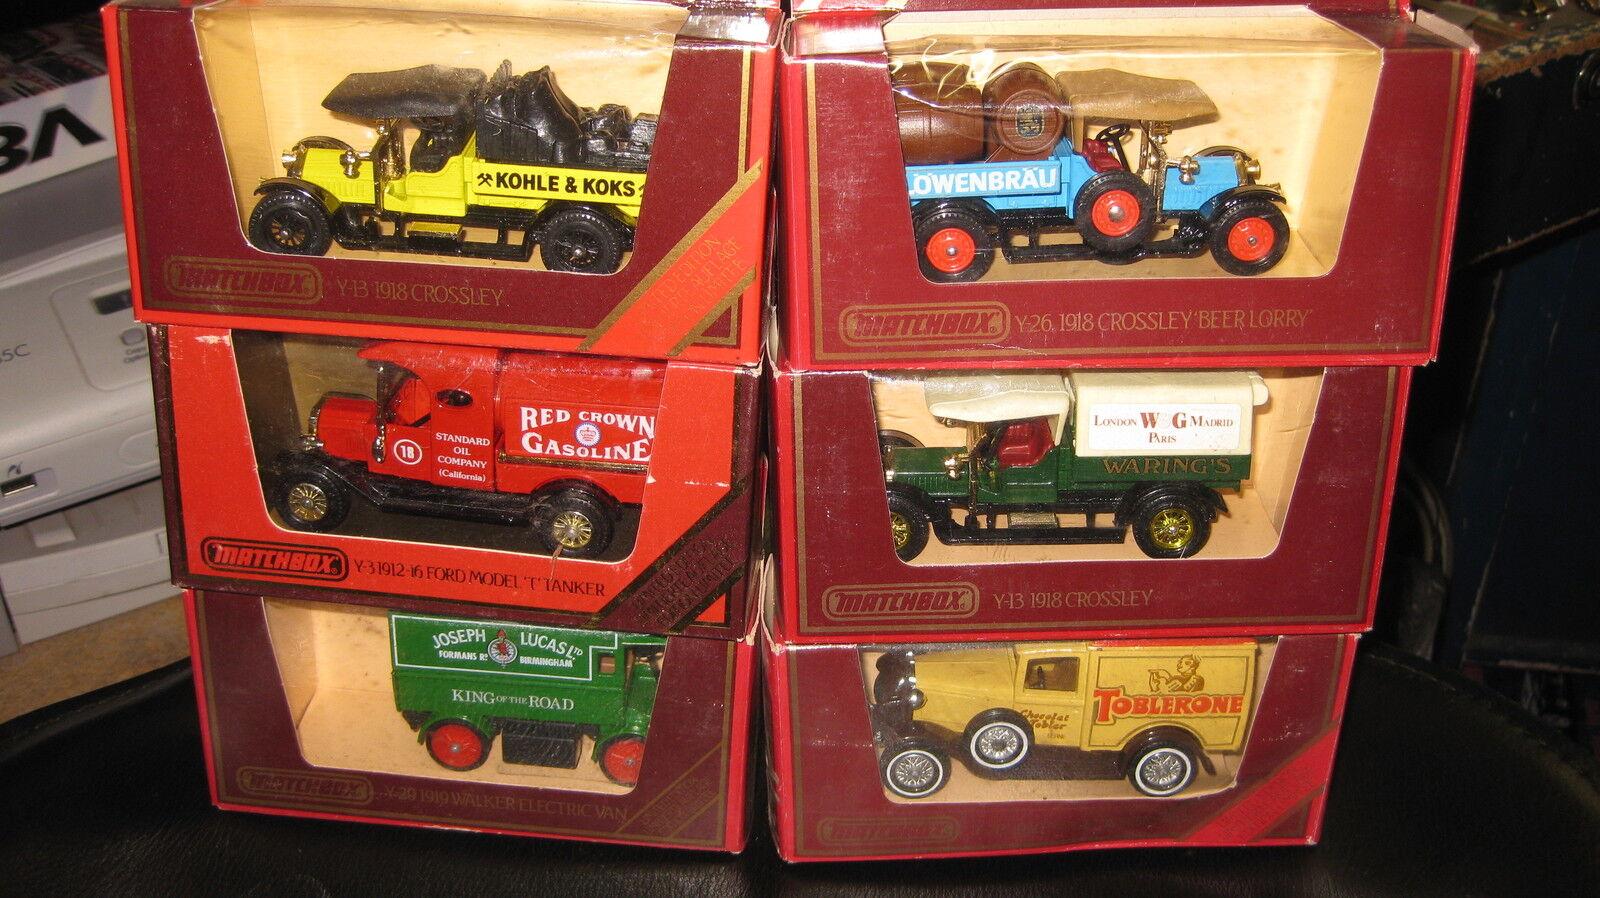 6 X MATCHBOX MODELS OF YESTERYEAR Y-26  Y-13 Y-13 Y-13 x 2  Y-22 Y-12 Y-3   BOXED RARE 833180